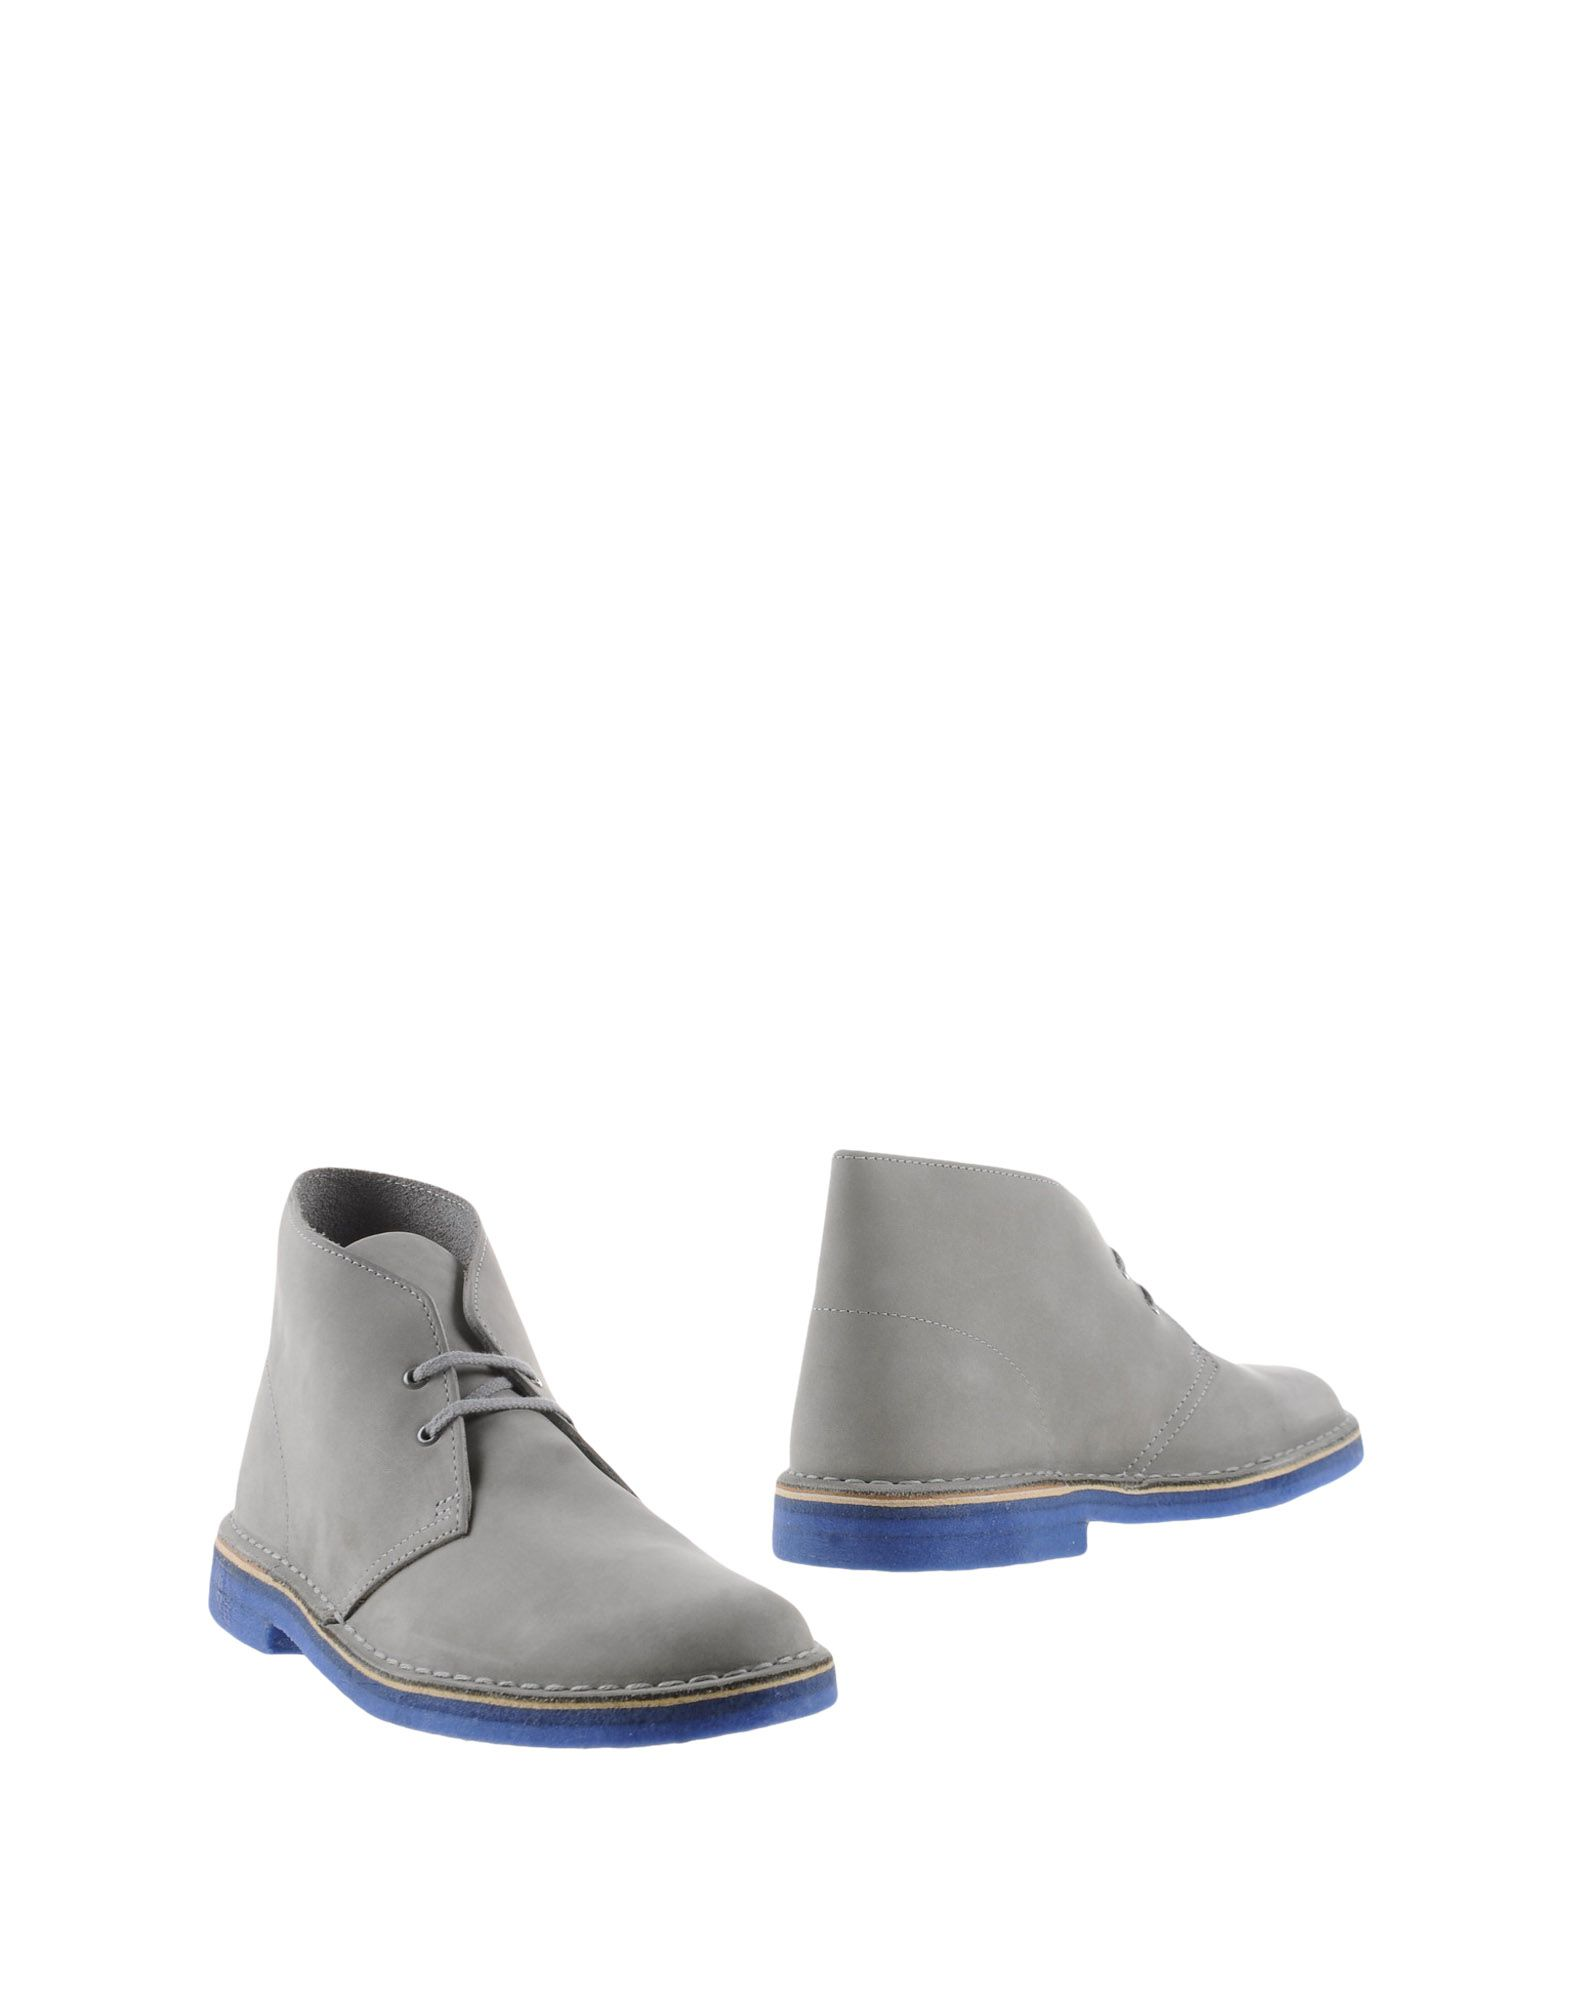 CLARKS ORIGINALS Полусапоги и высокие ботинки clarks originals полусапоги и высокие ботинки